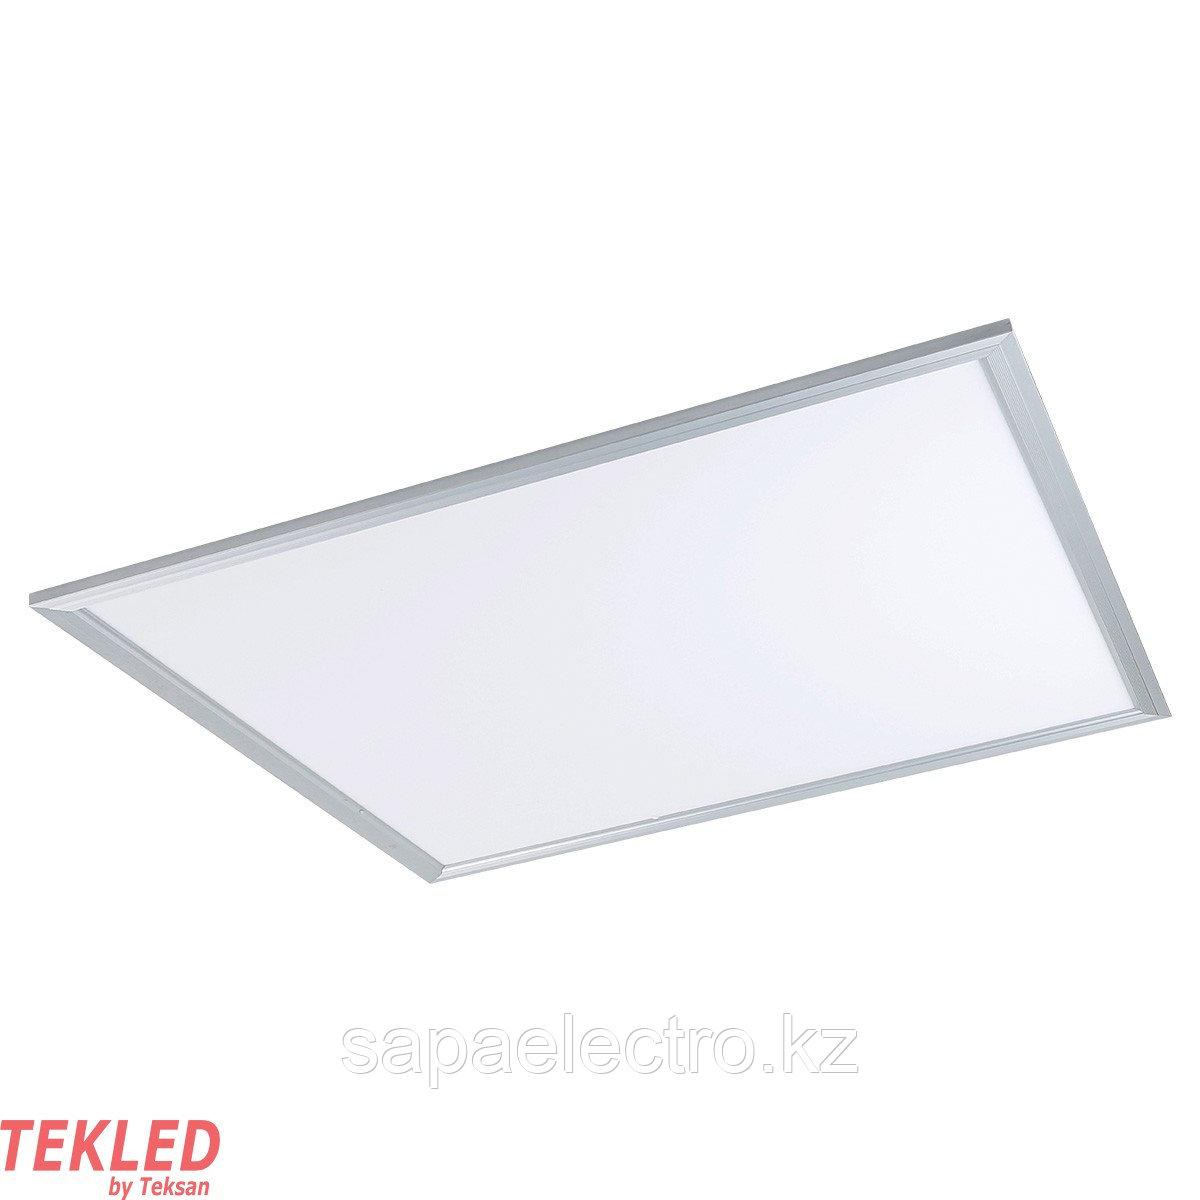 Св-к LED SLIM PANEL 40W 595x595 6400K (MS) 6шт